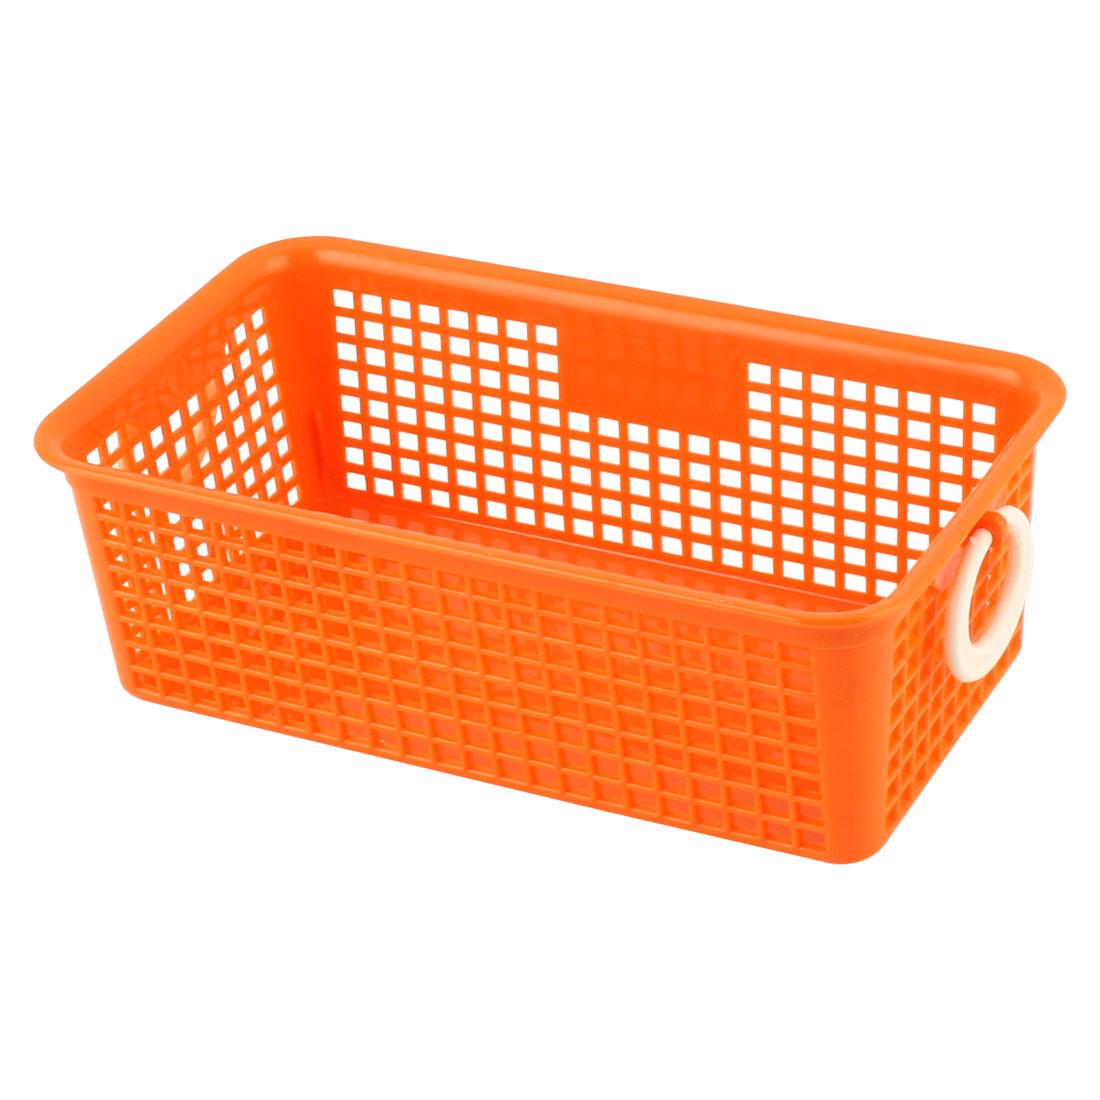 Household Kitchen Bathroom Plastic Rectangle Binaural Storage Basket Organizer Holder Orange